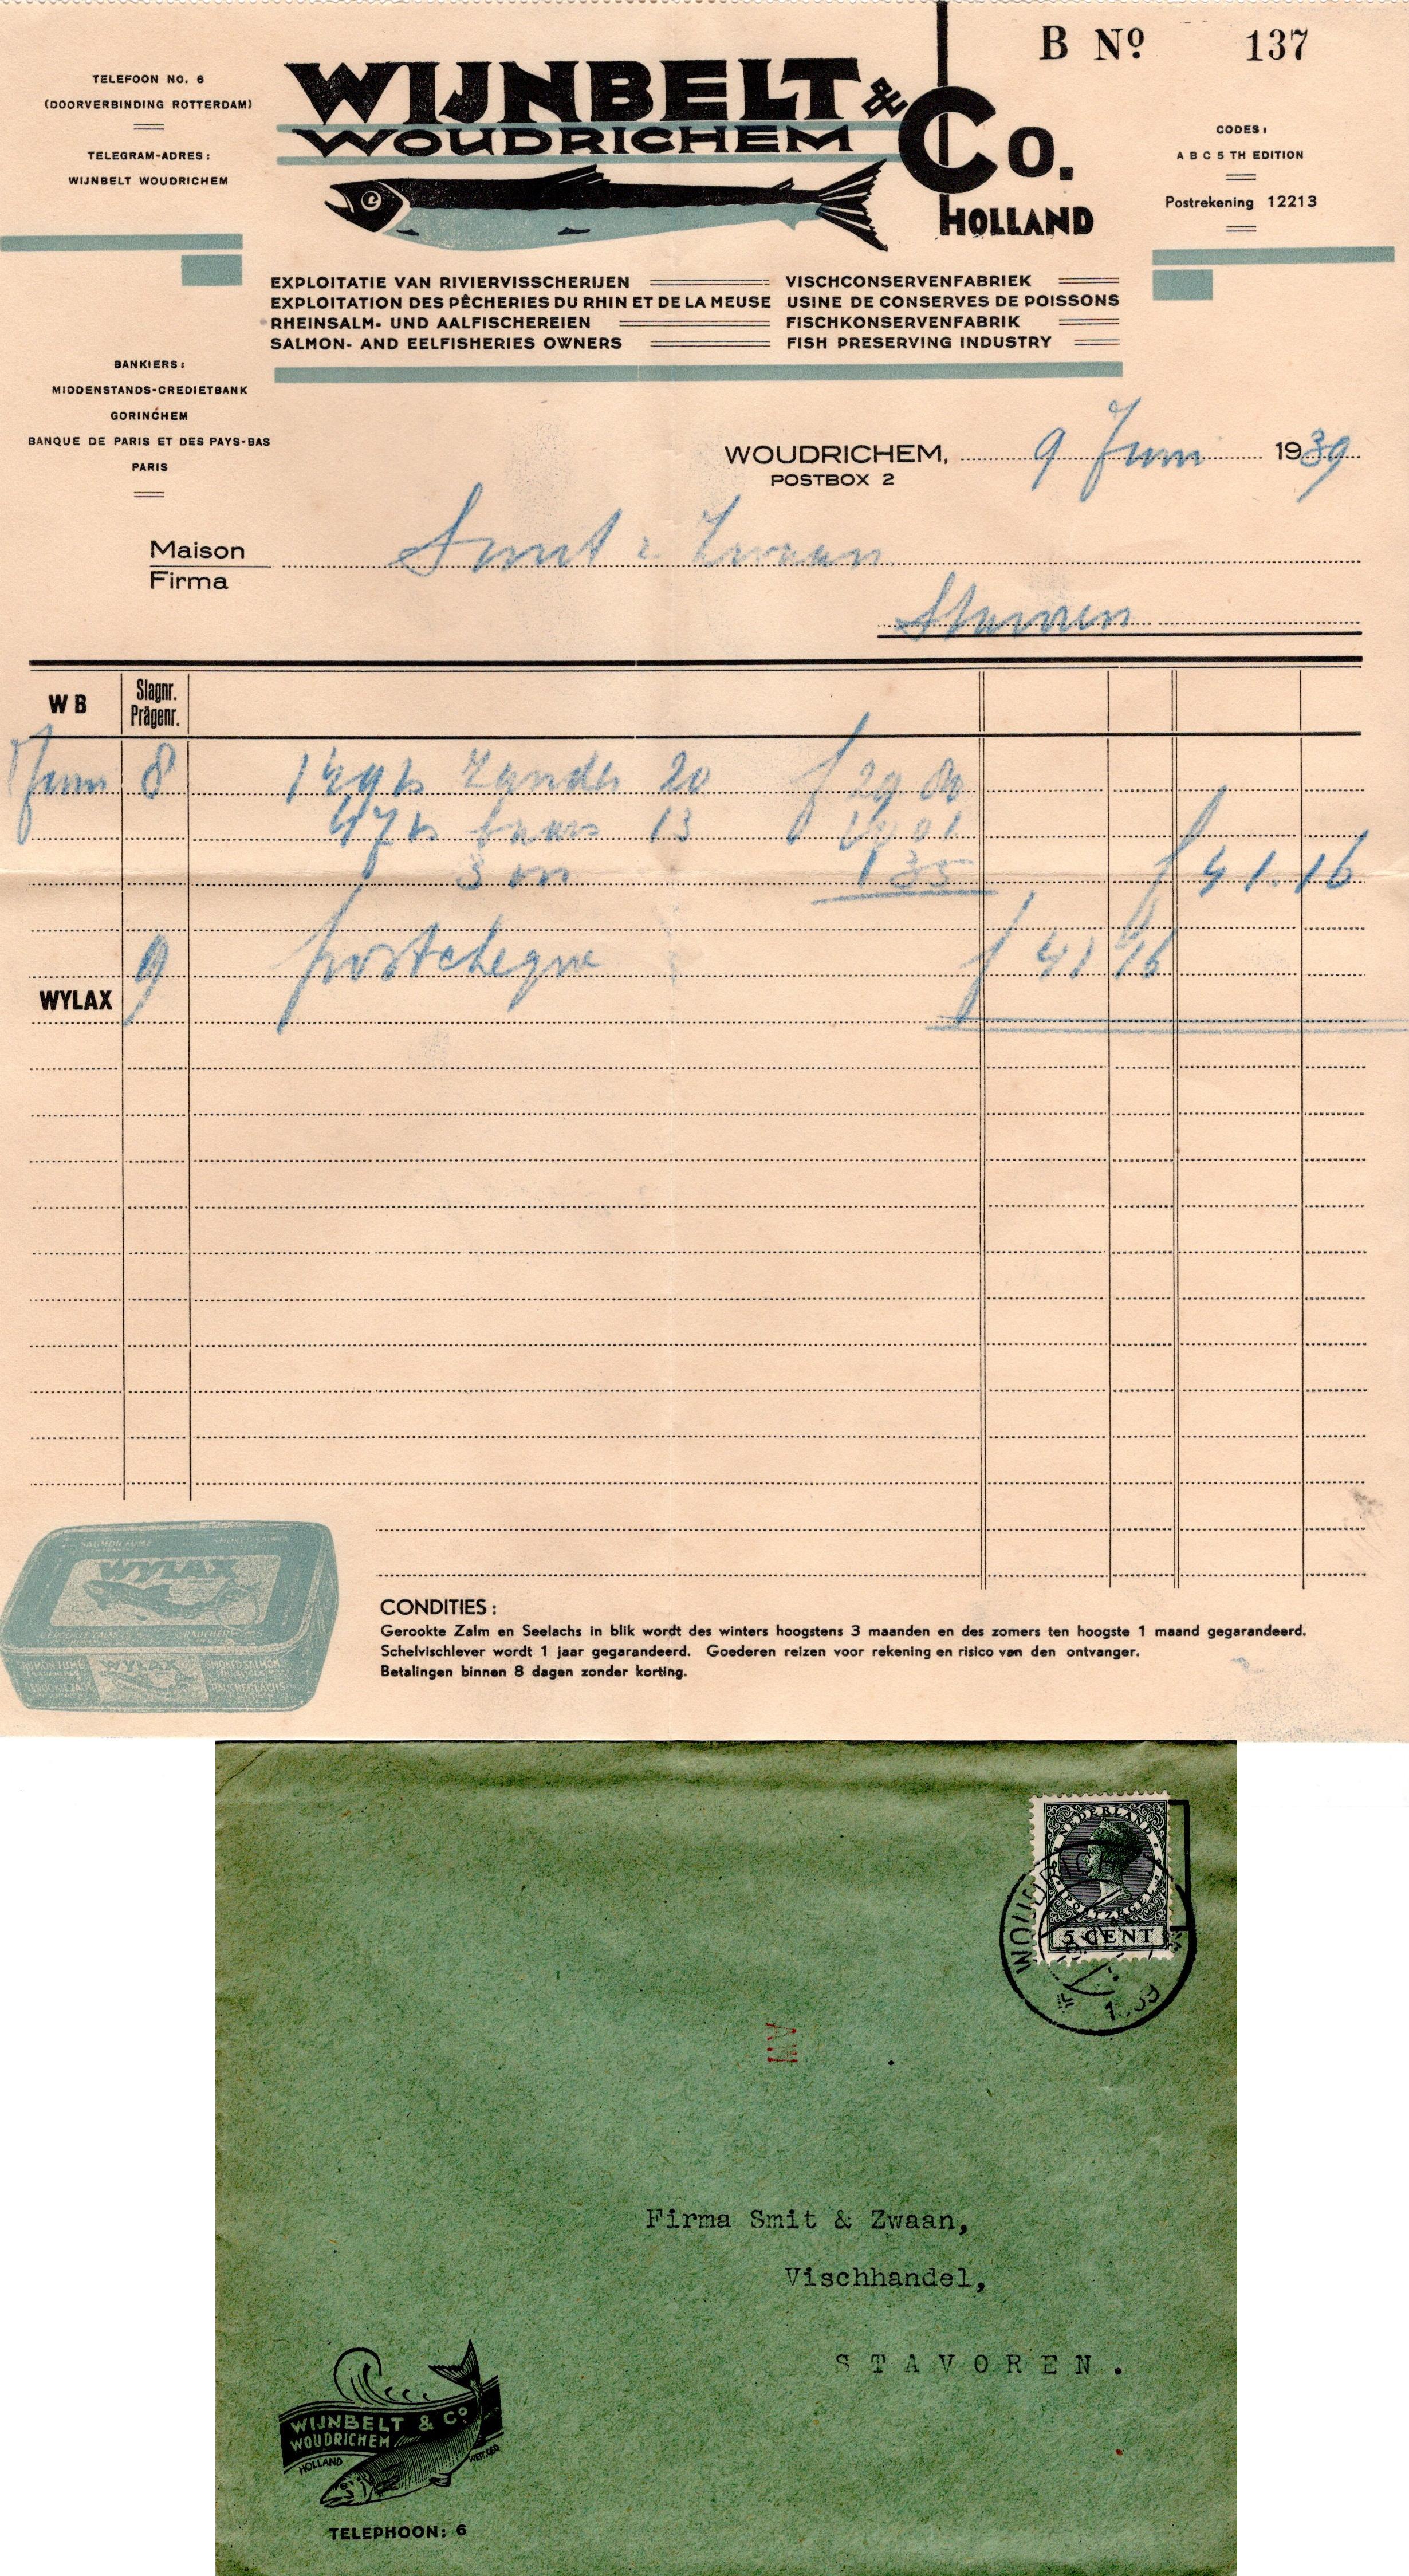 008-REKE-012-Wijnbelt-1939